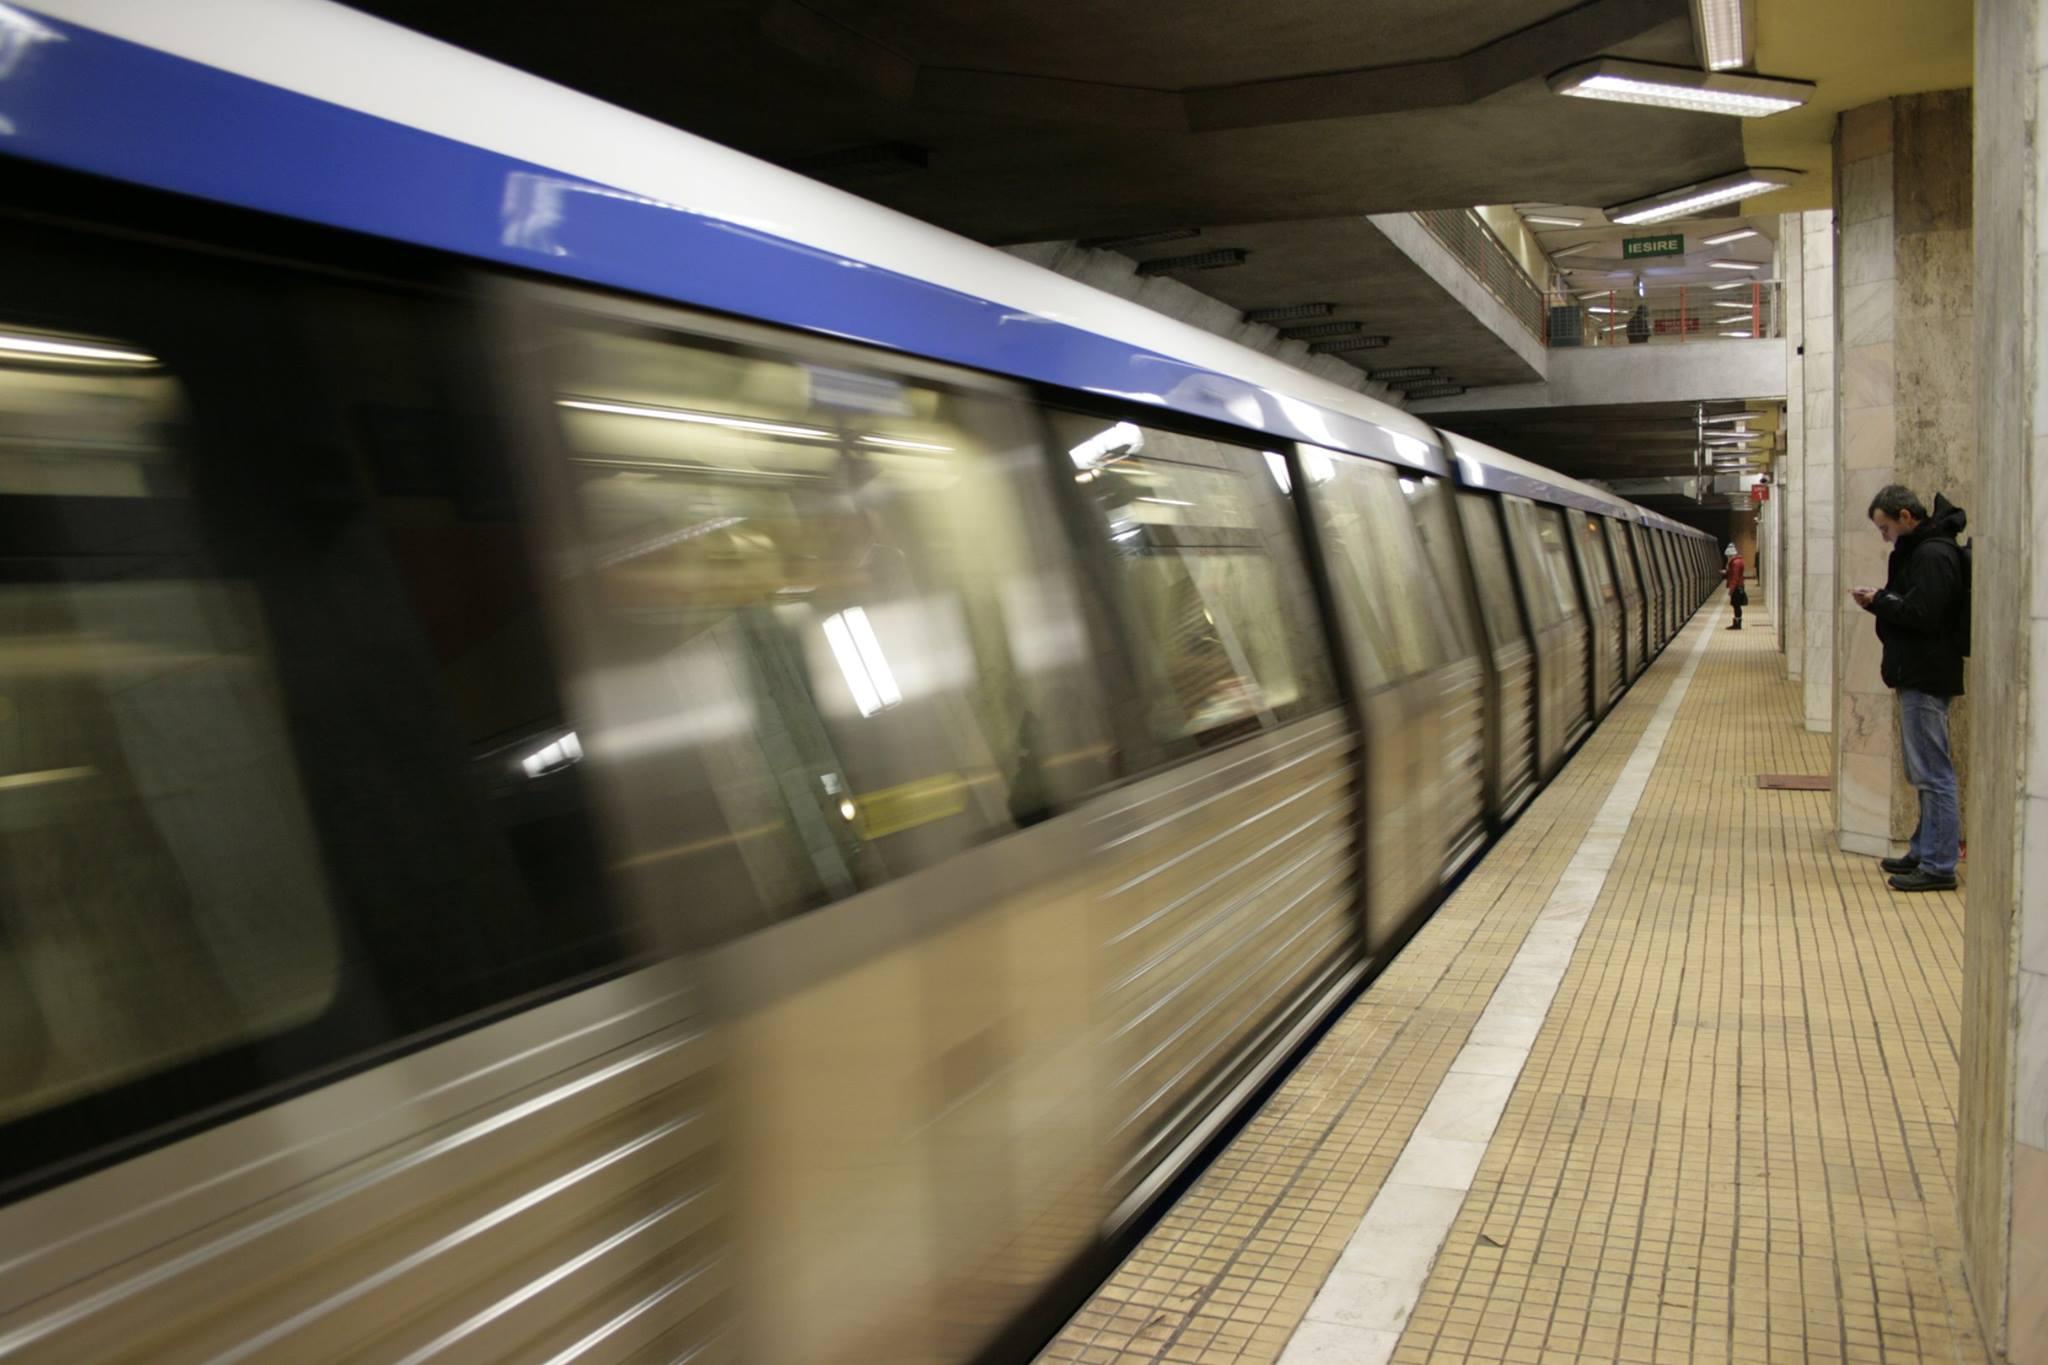 Circulație blocată la metrou. O persoană a căzut pe șine la Piața Unirii | UPDATE